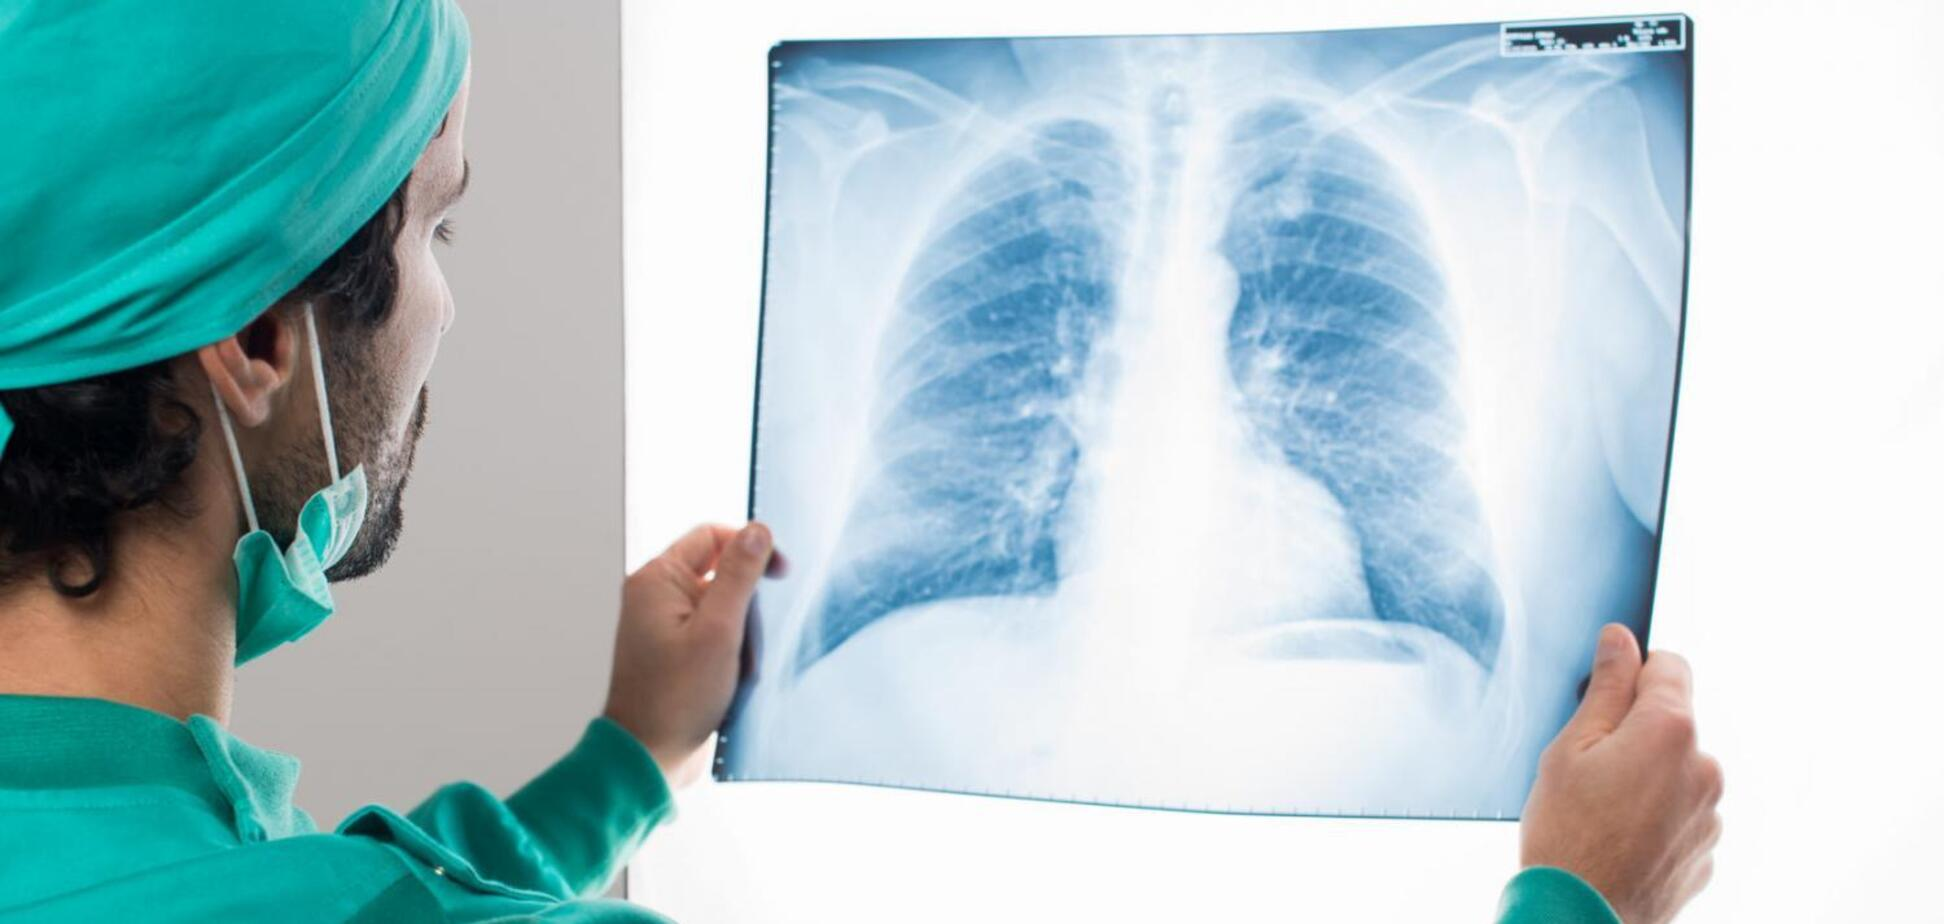 Аномалии не видны при обычном сканировании